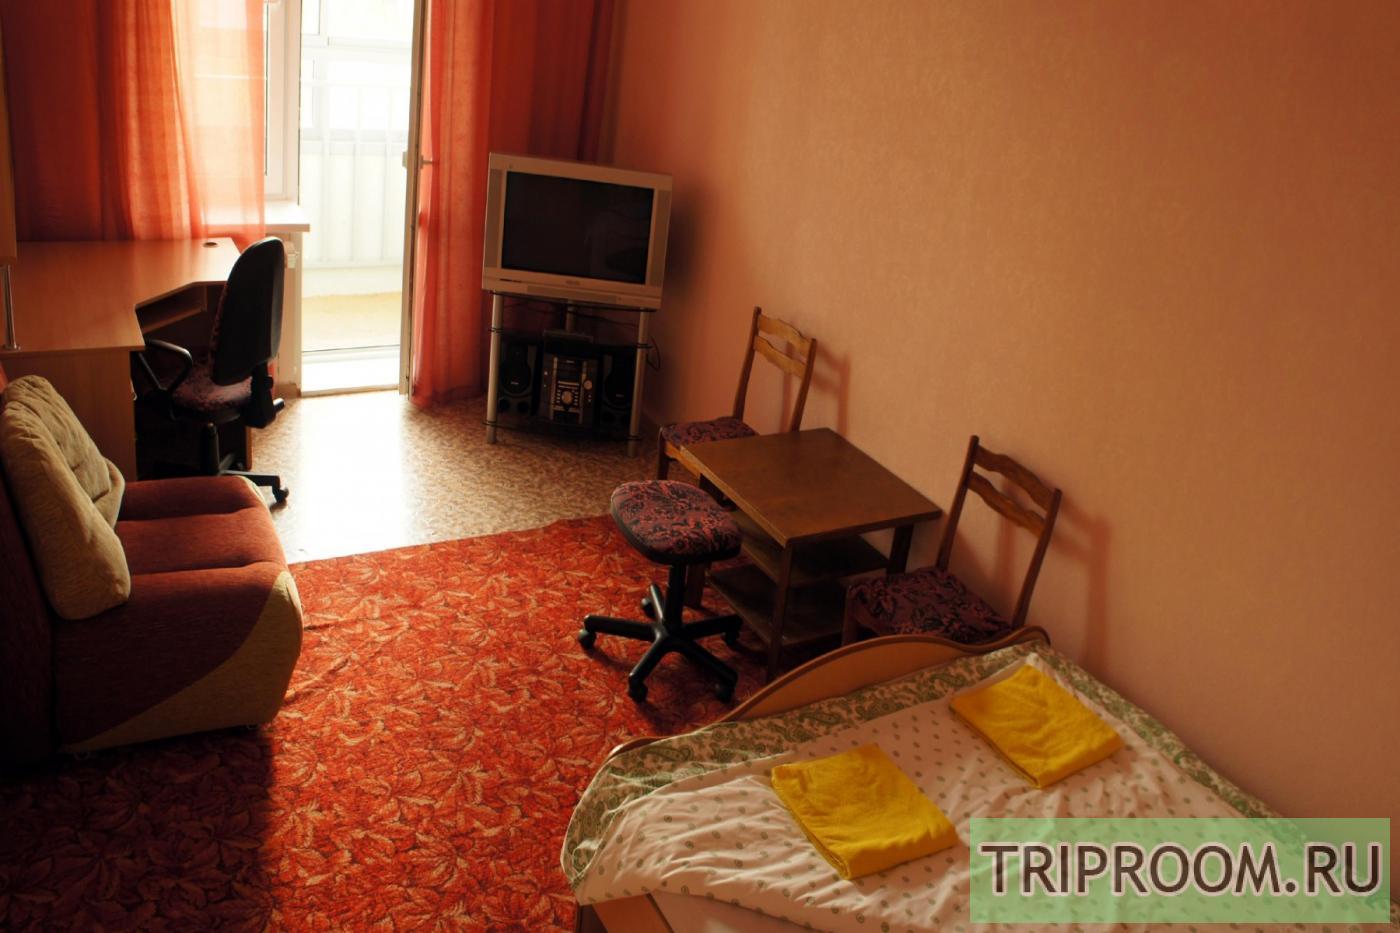 1-комнатная квартира посуточно (вариант № 23100), ул. Московская улица, фото № 5